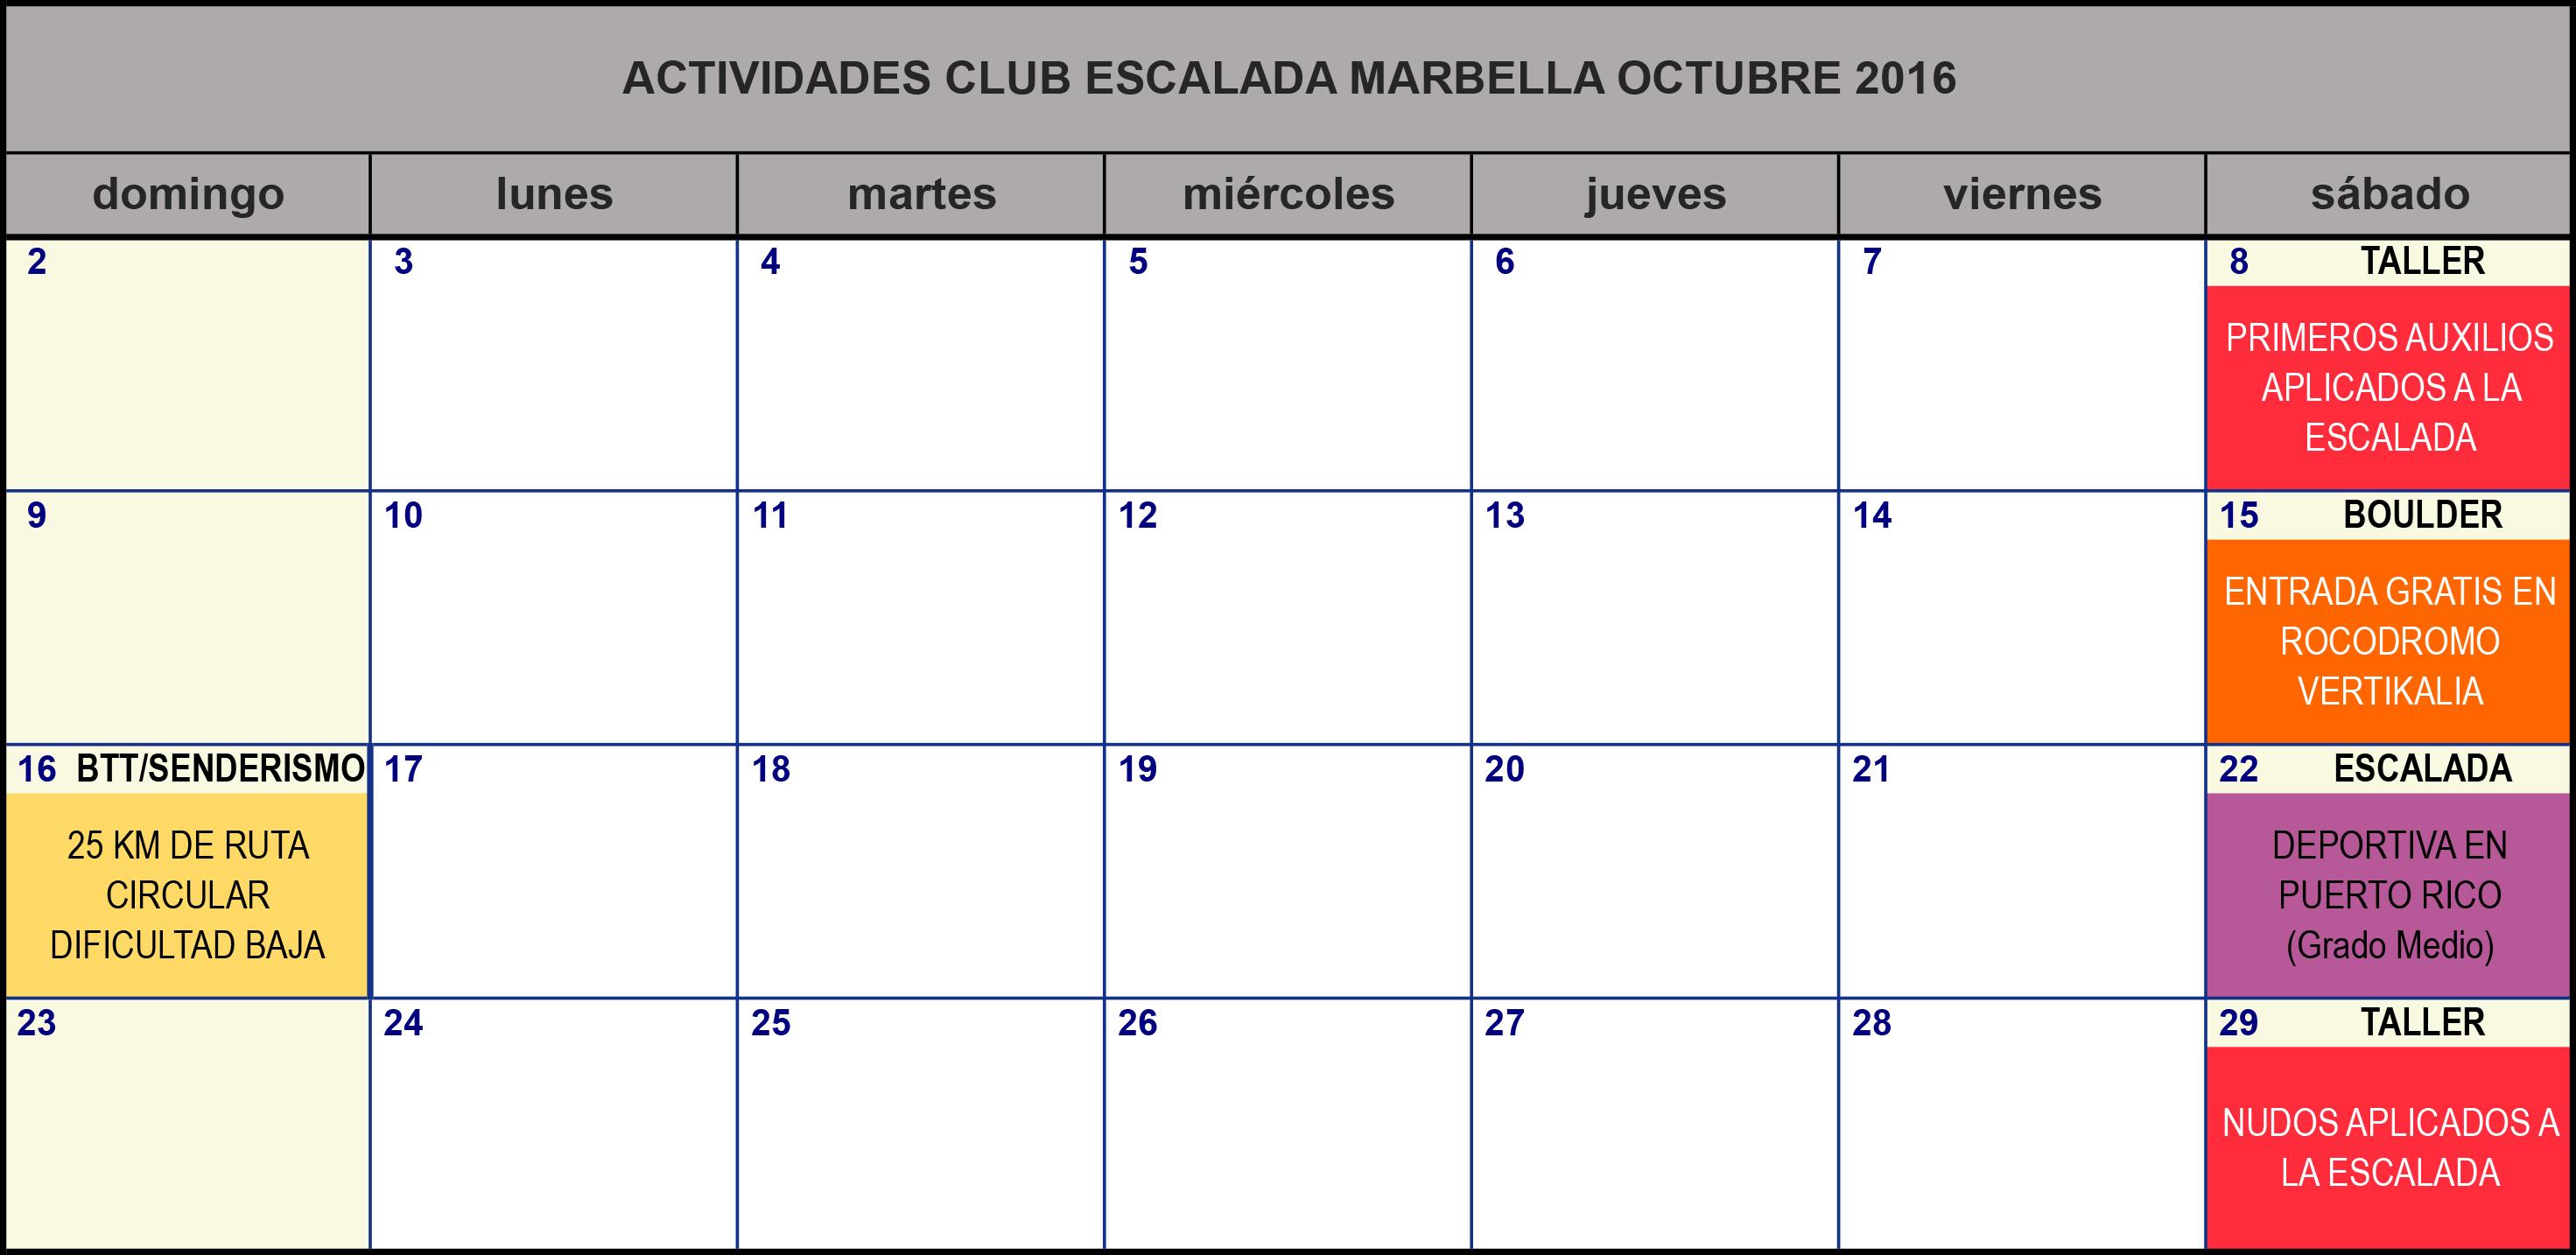 Calendario De Actividades Eventos: Calendario De Actividades Club Escalada Marbella Octubre 2016